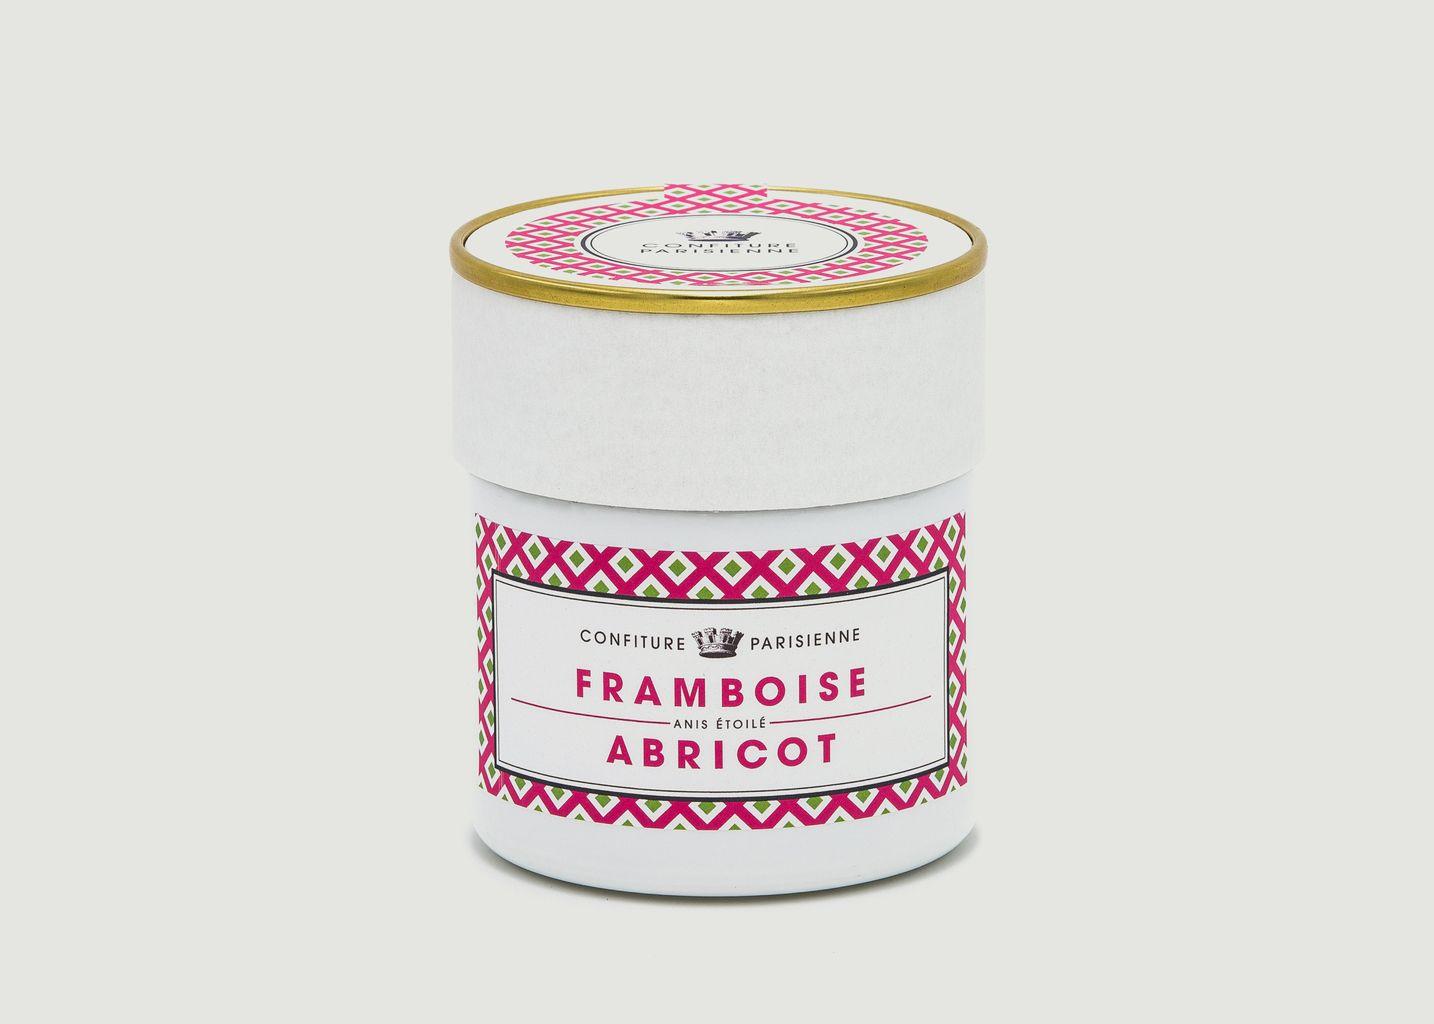 Confiture Framboise, Abricot, Anis Étoilé  - Confiture Parisienne